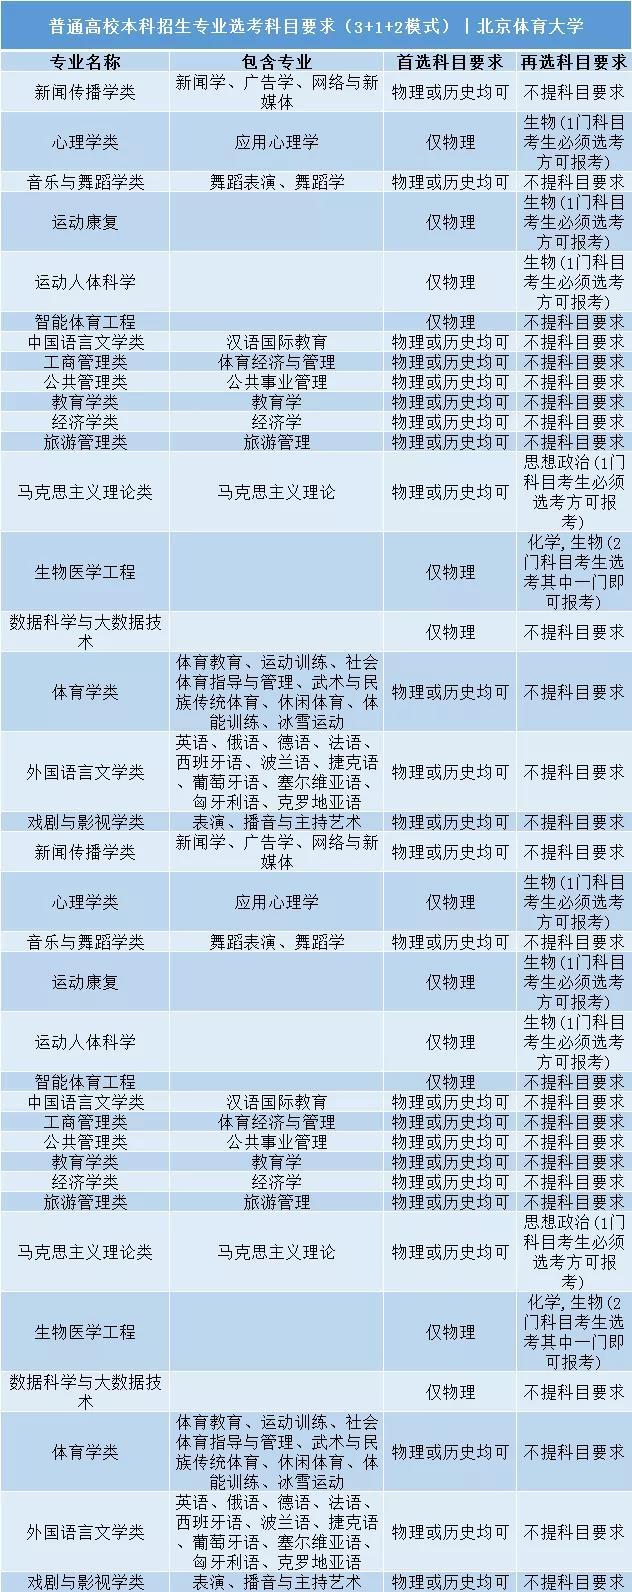 北京体育大学普通高校本科招生专业选考科目要求3+1+2模式